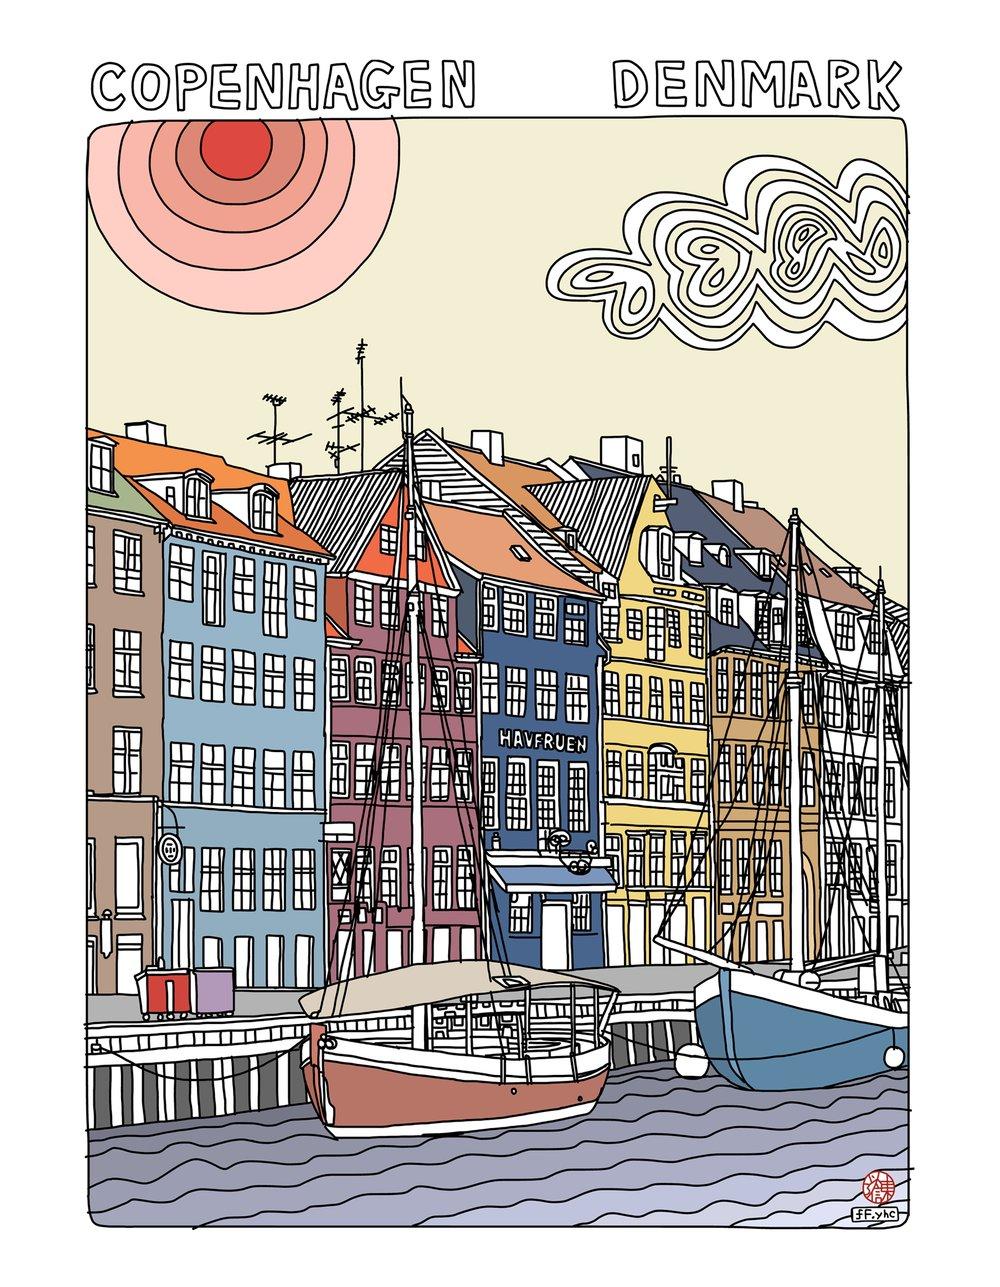 Image of Denmark - Copenhagen